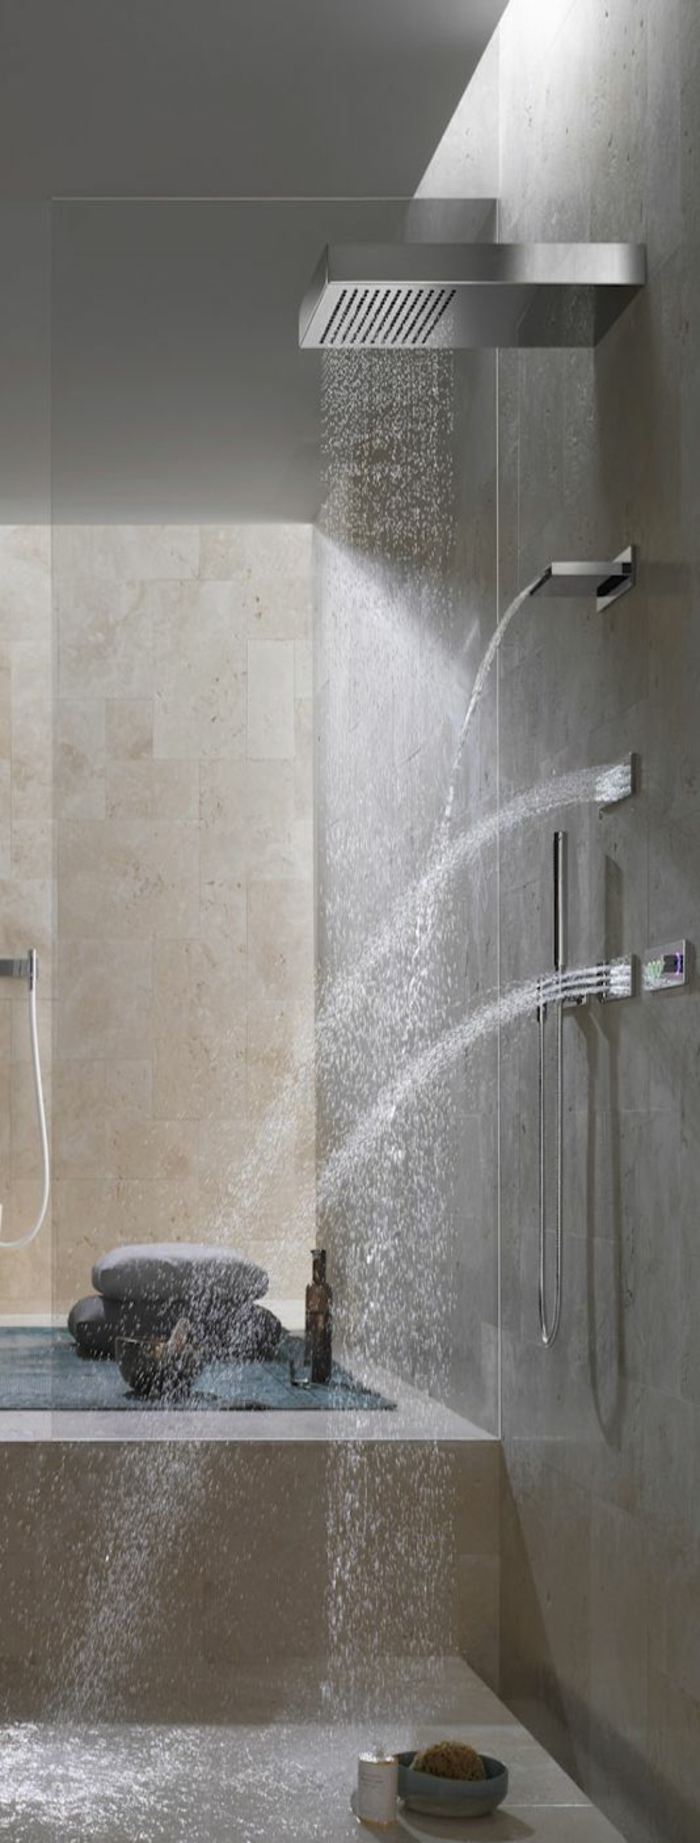 duscharmatur moderne badezimmer badezimmerarmatur